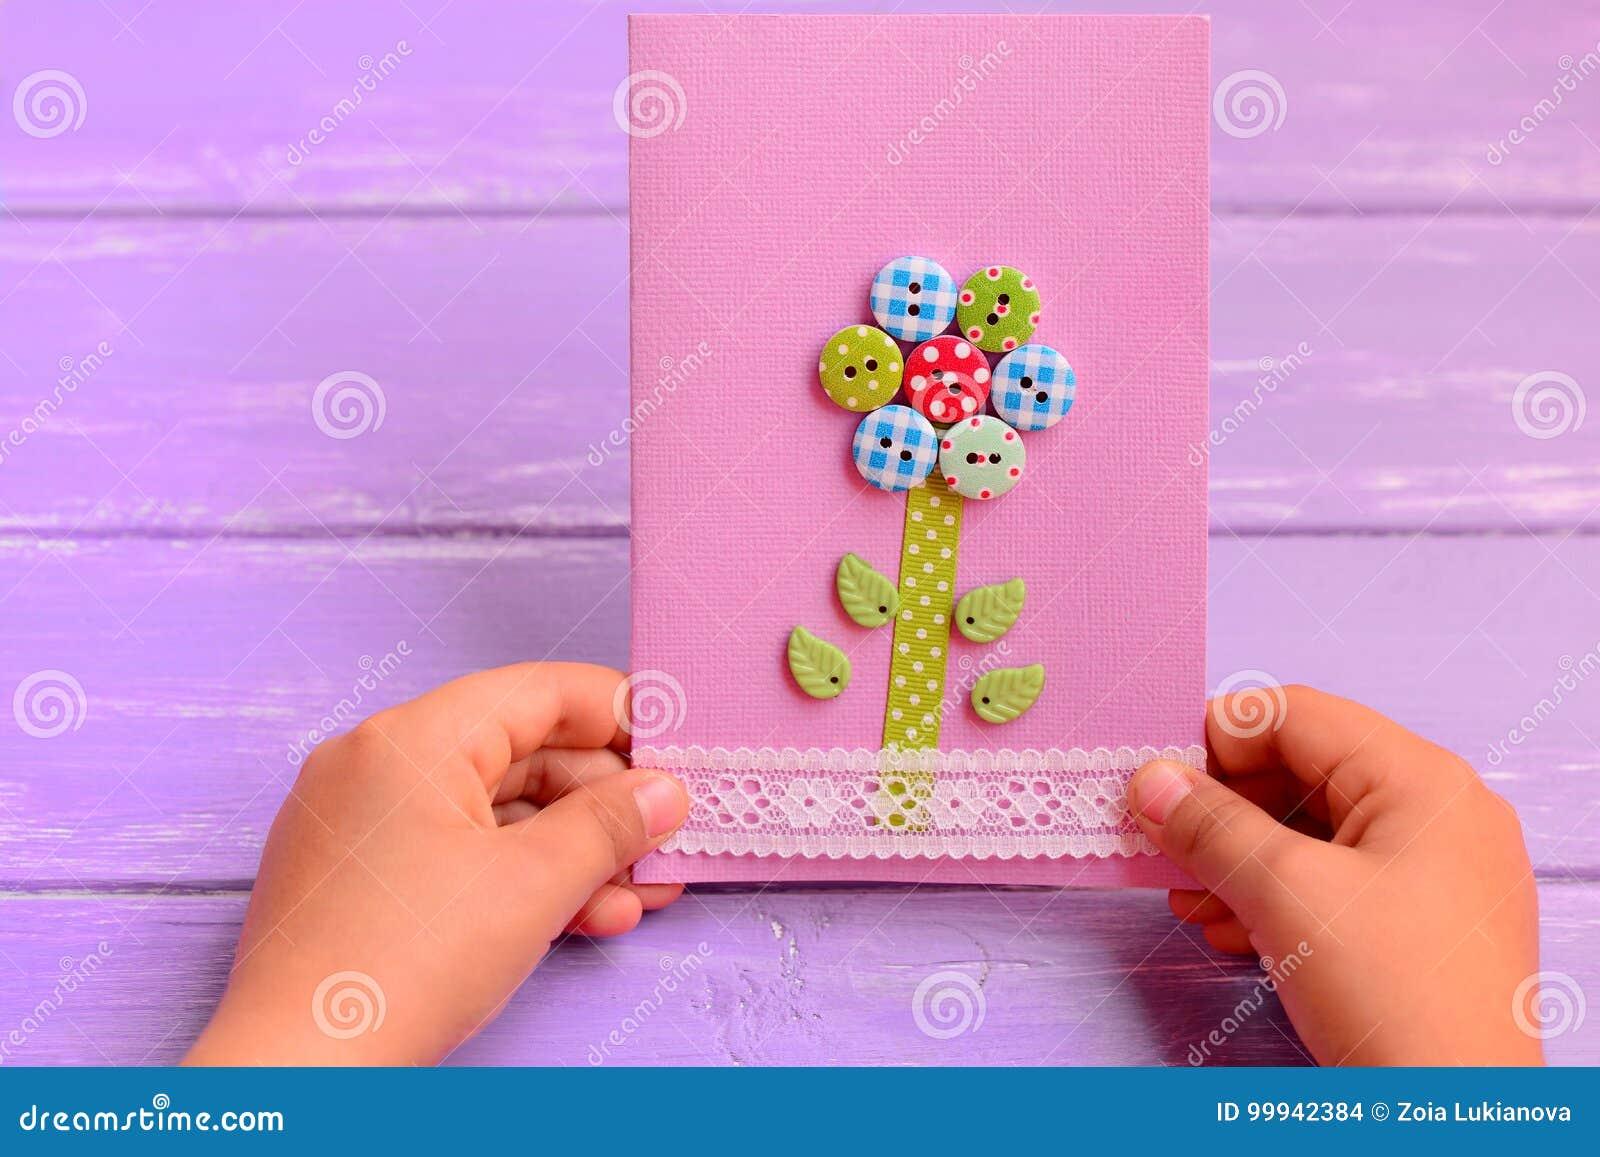 Lenfant Tient Une Carte De Fleur Dans Des Ses Mains Lenfant A Fait